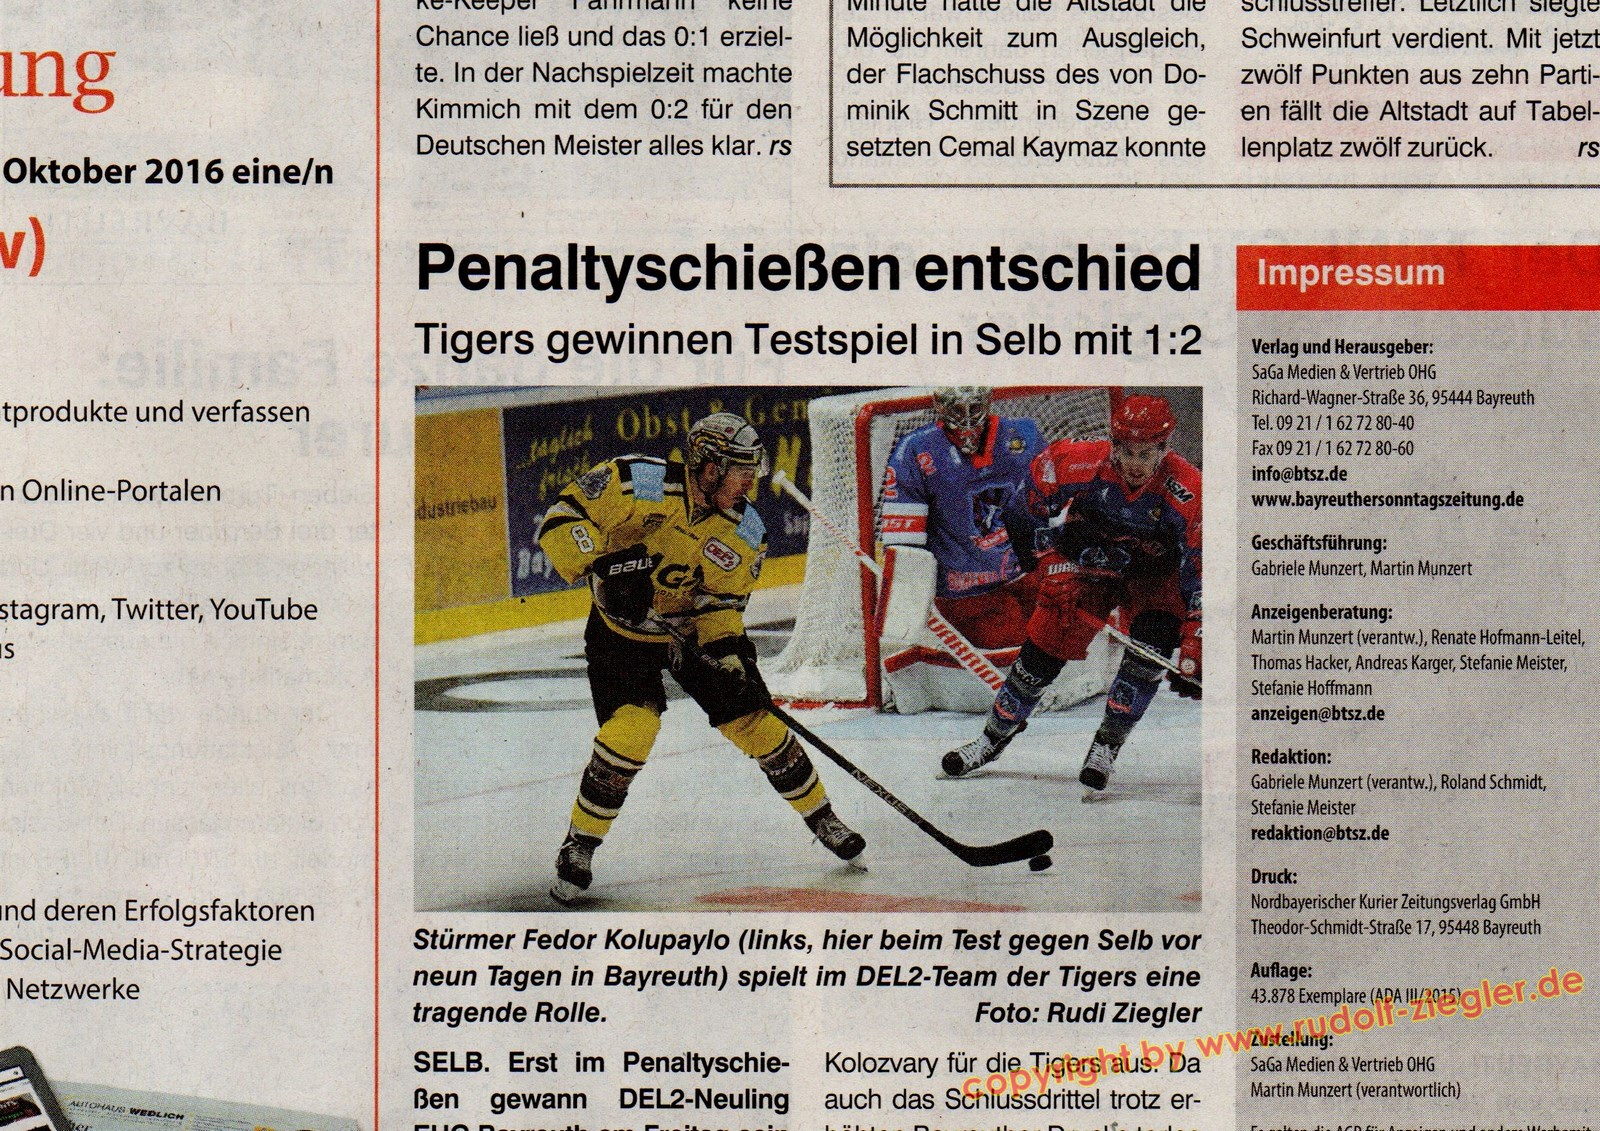 Bayreuther Sonntagszeitung 2016-09-11-A (1600x1200)